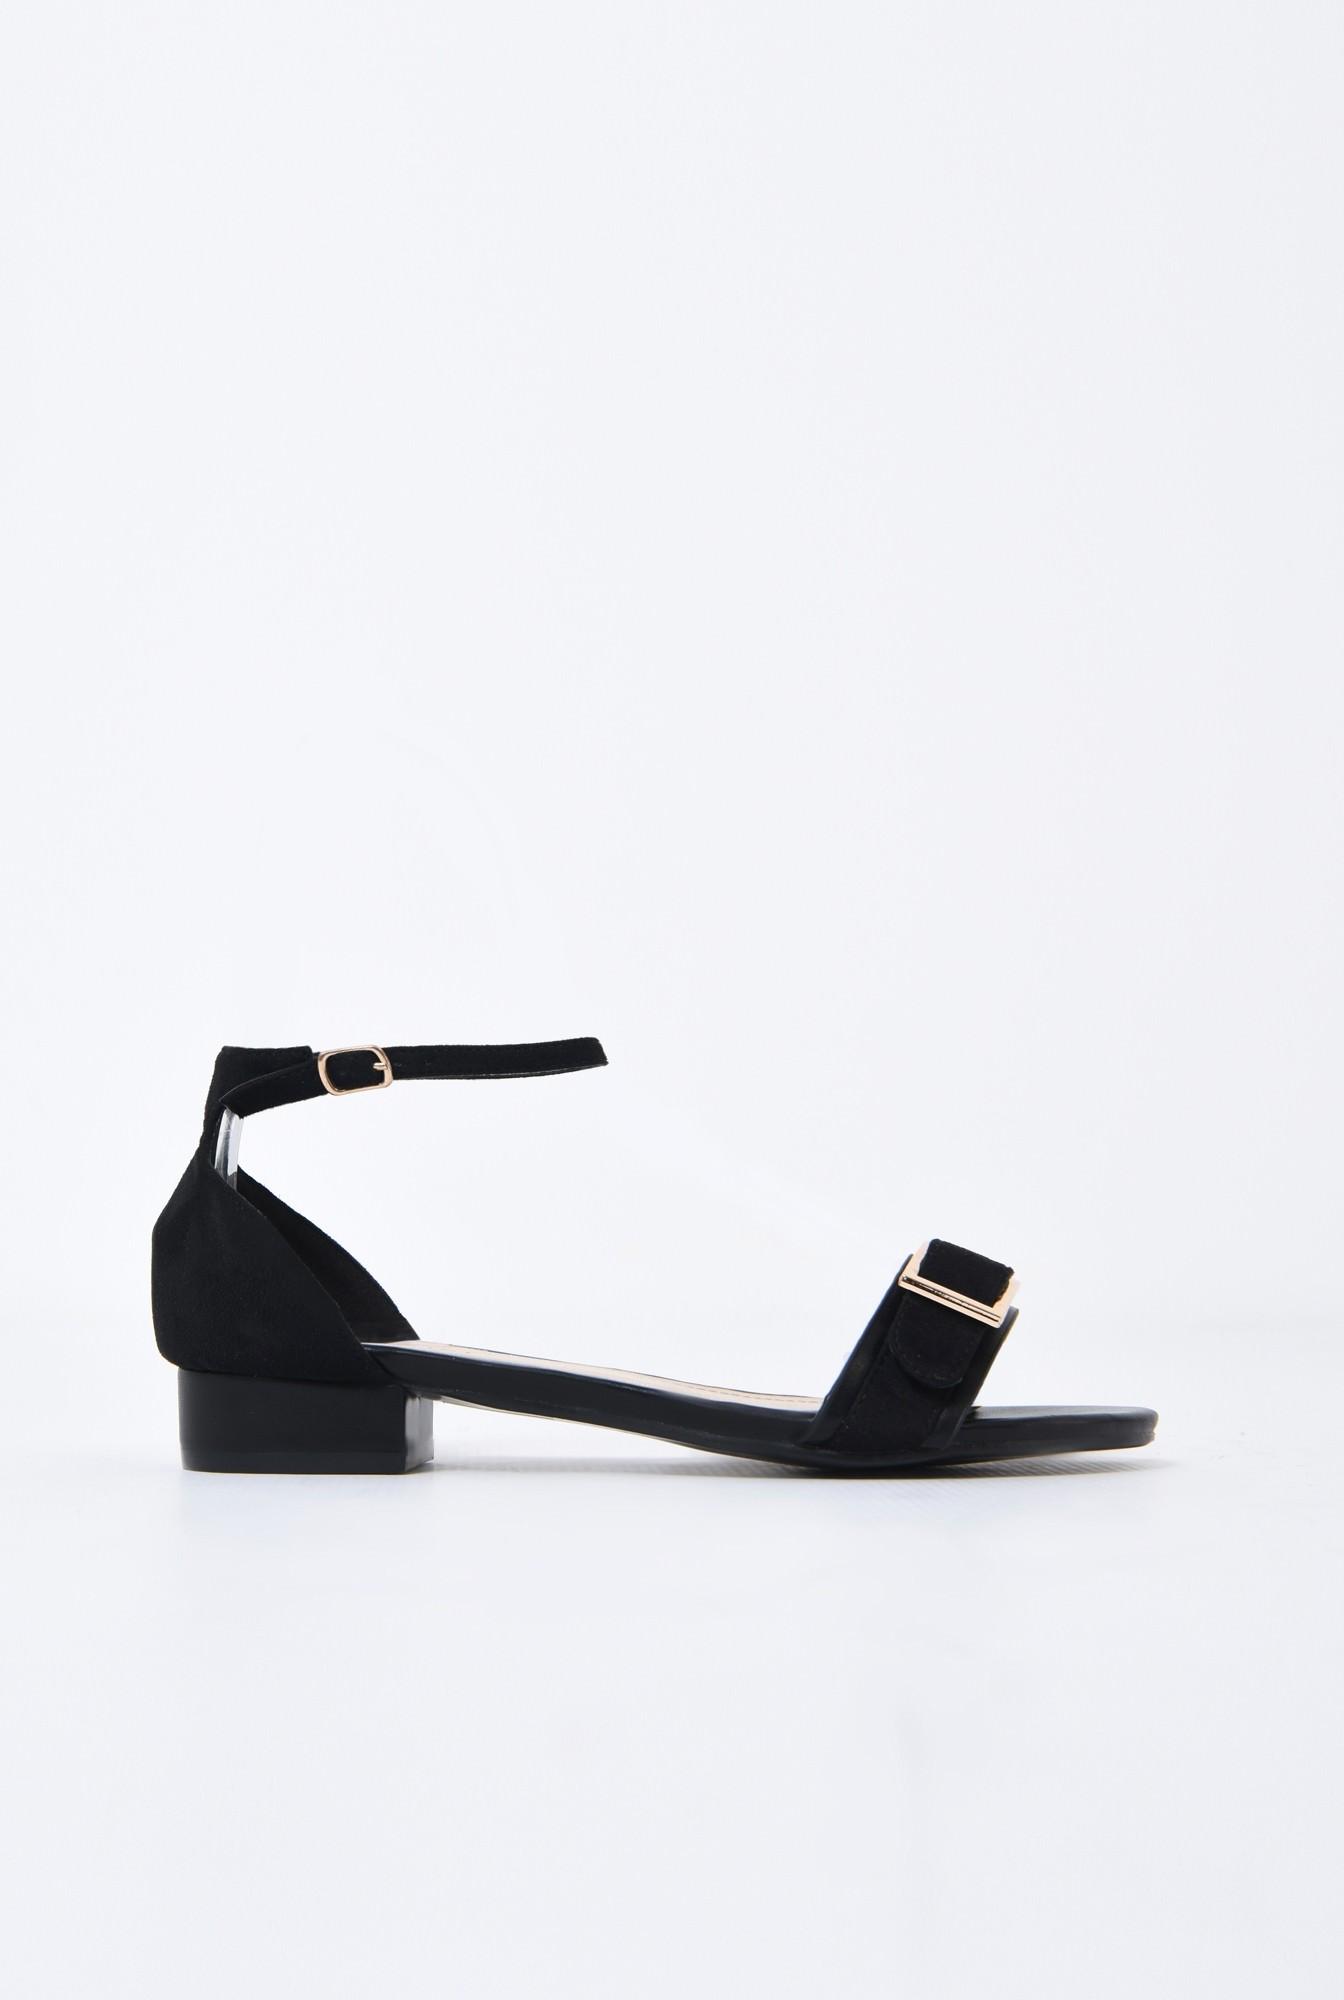 0 - sandale comode, cu talpa joasa, negre, din velur, catarama decorativa aurie